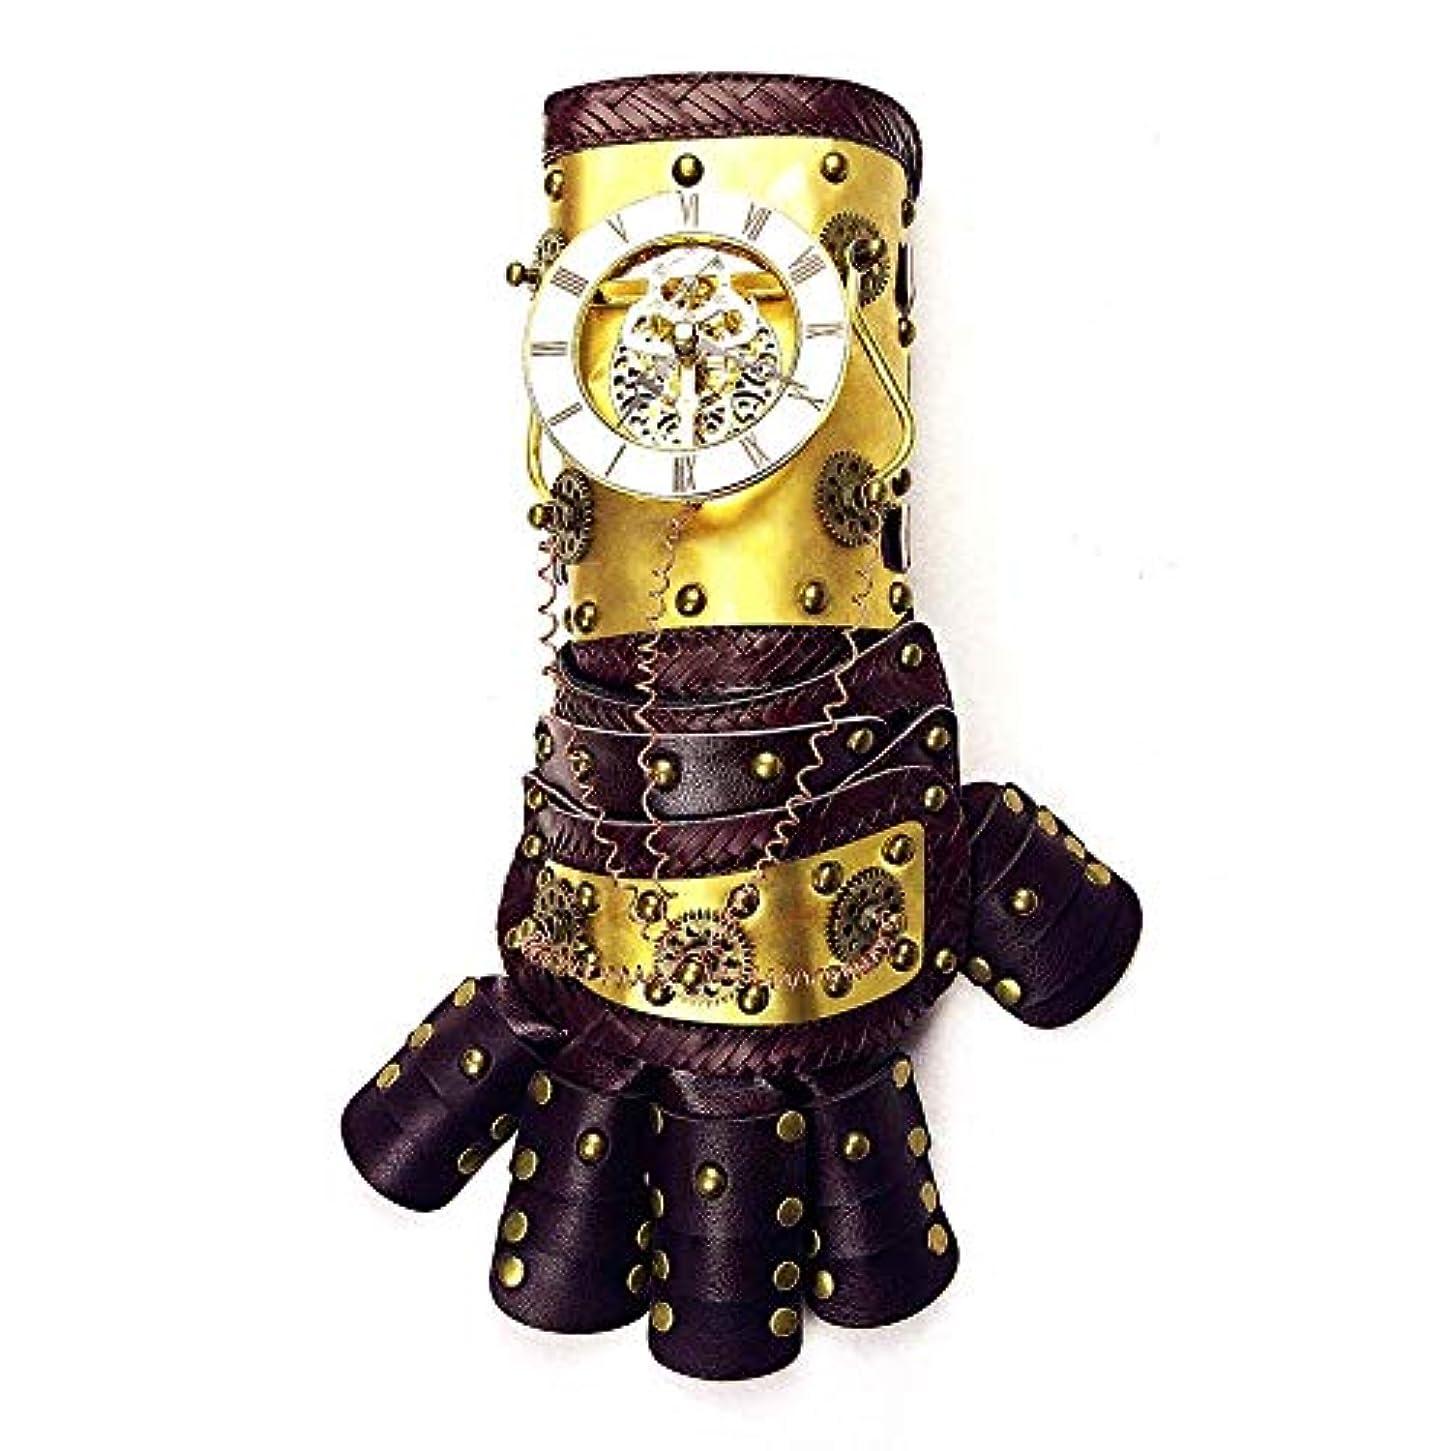 フェザー終わり記念碑的なETH スチームパンク機械式アーム手袋*長い一日のダンスパーティーの小道具37cmの* 13.5CM高い広い13CMをリンク 適用されます